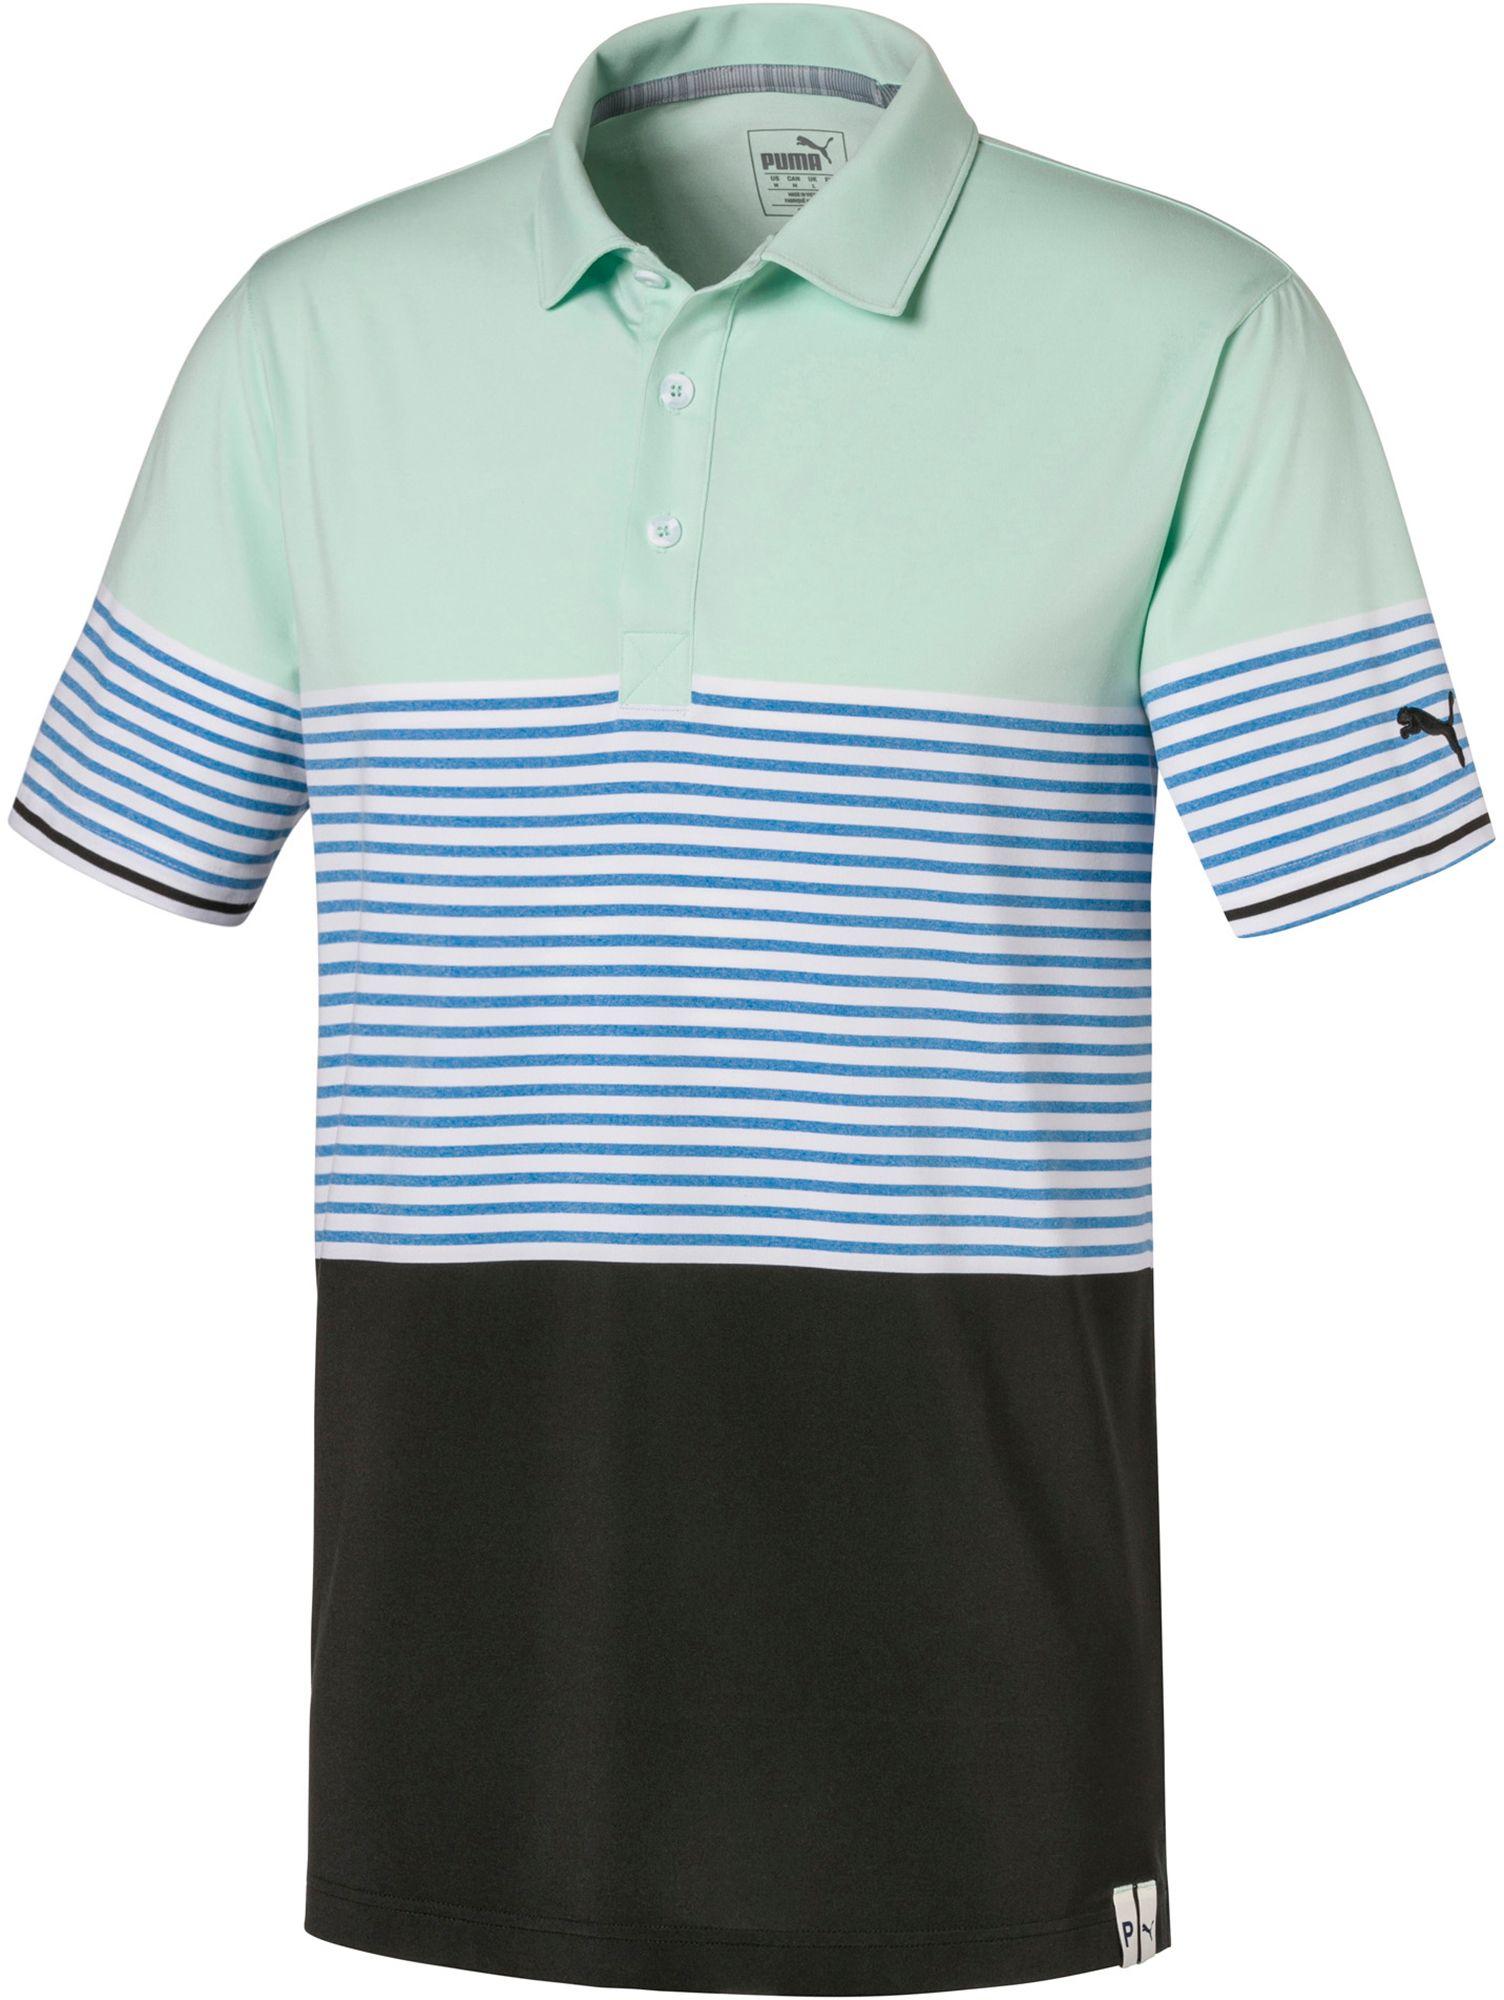 What is a Golf Shirt - Puma Golf Polo